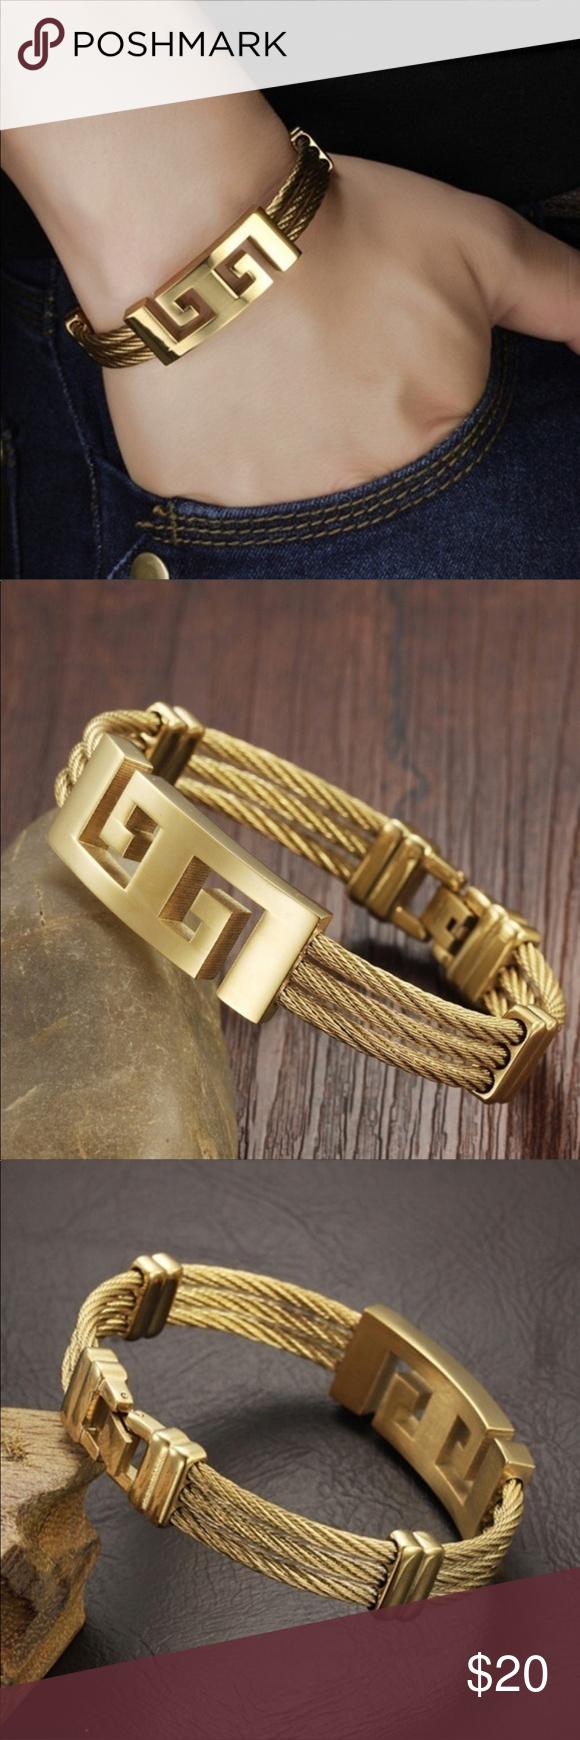 Gg k gold plated titanium steel bracelet unisex